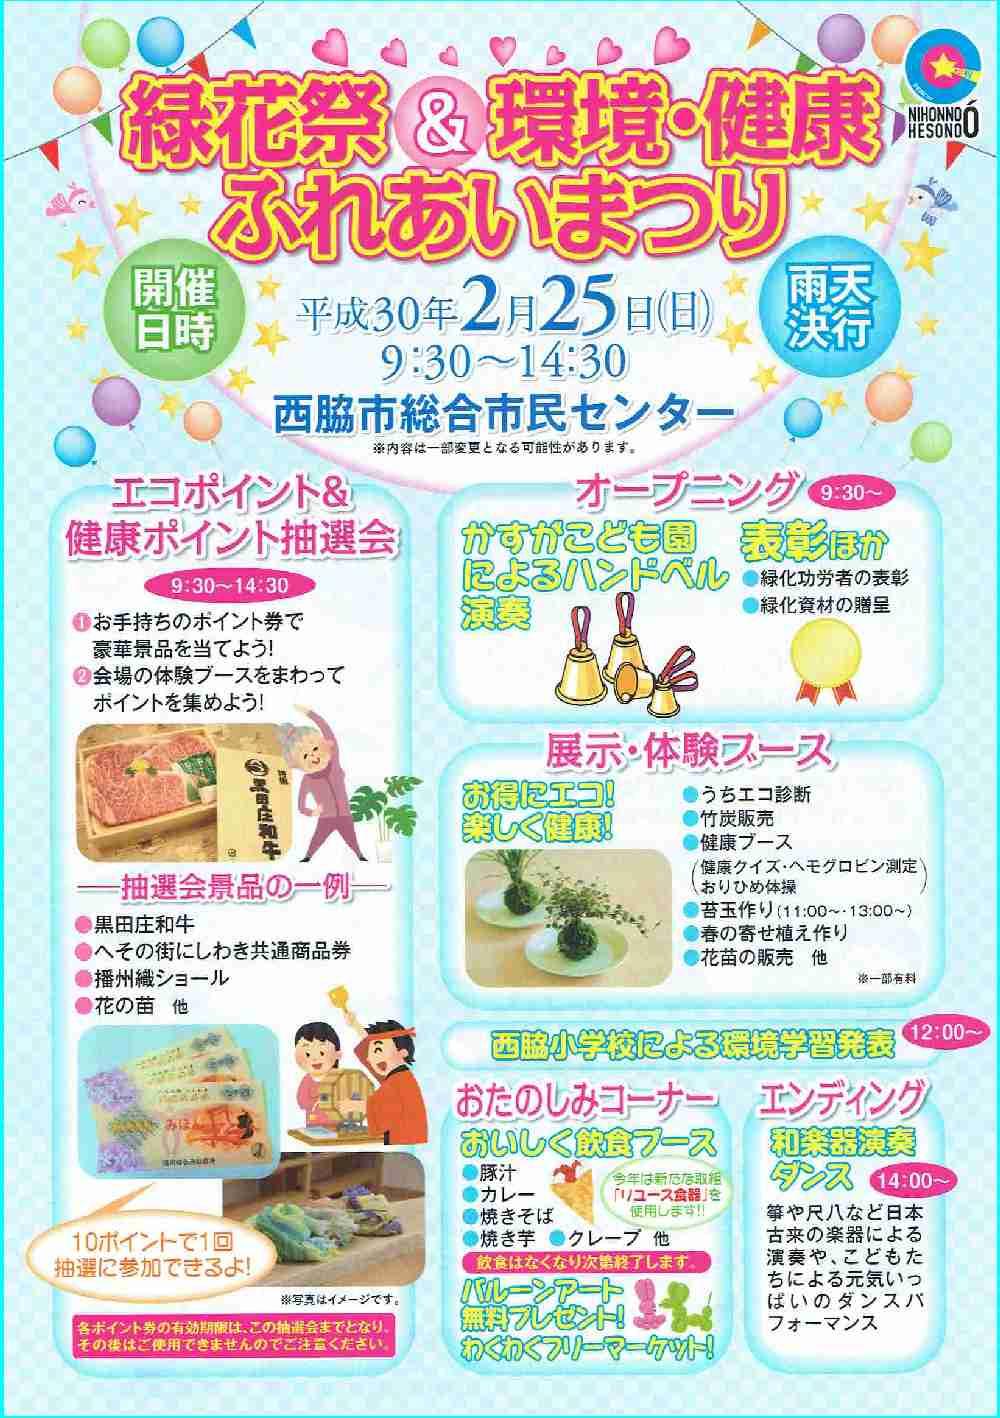 2/25 緑花祭&環境・健康ふれあいまつり:西脇市総合市民センター